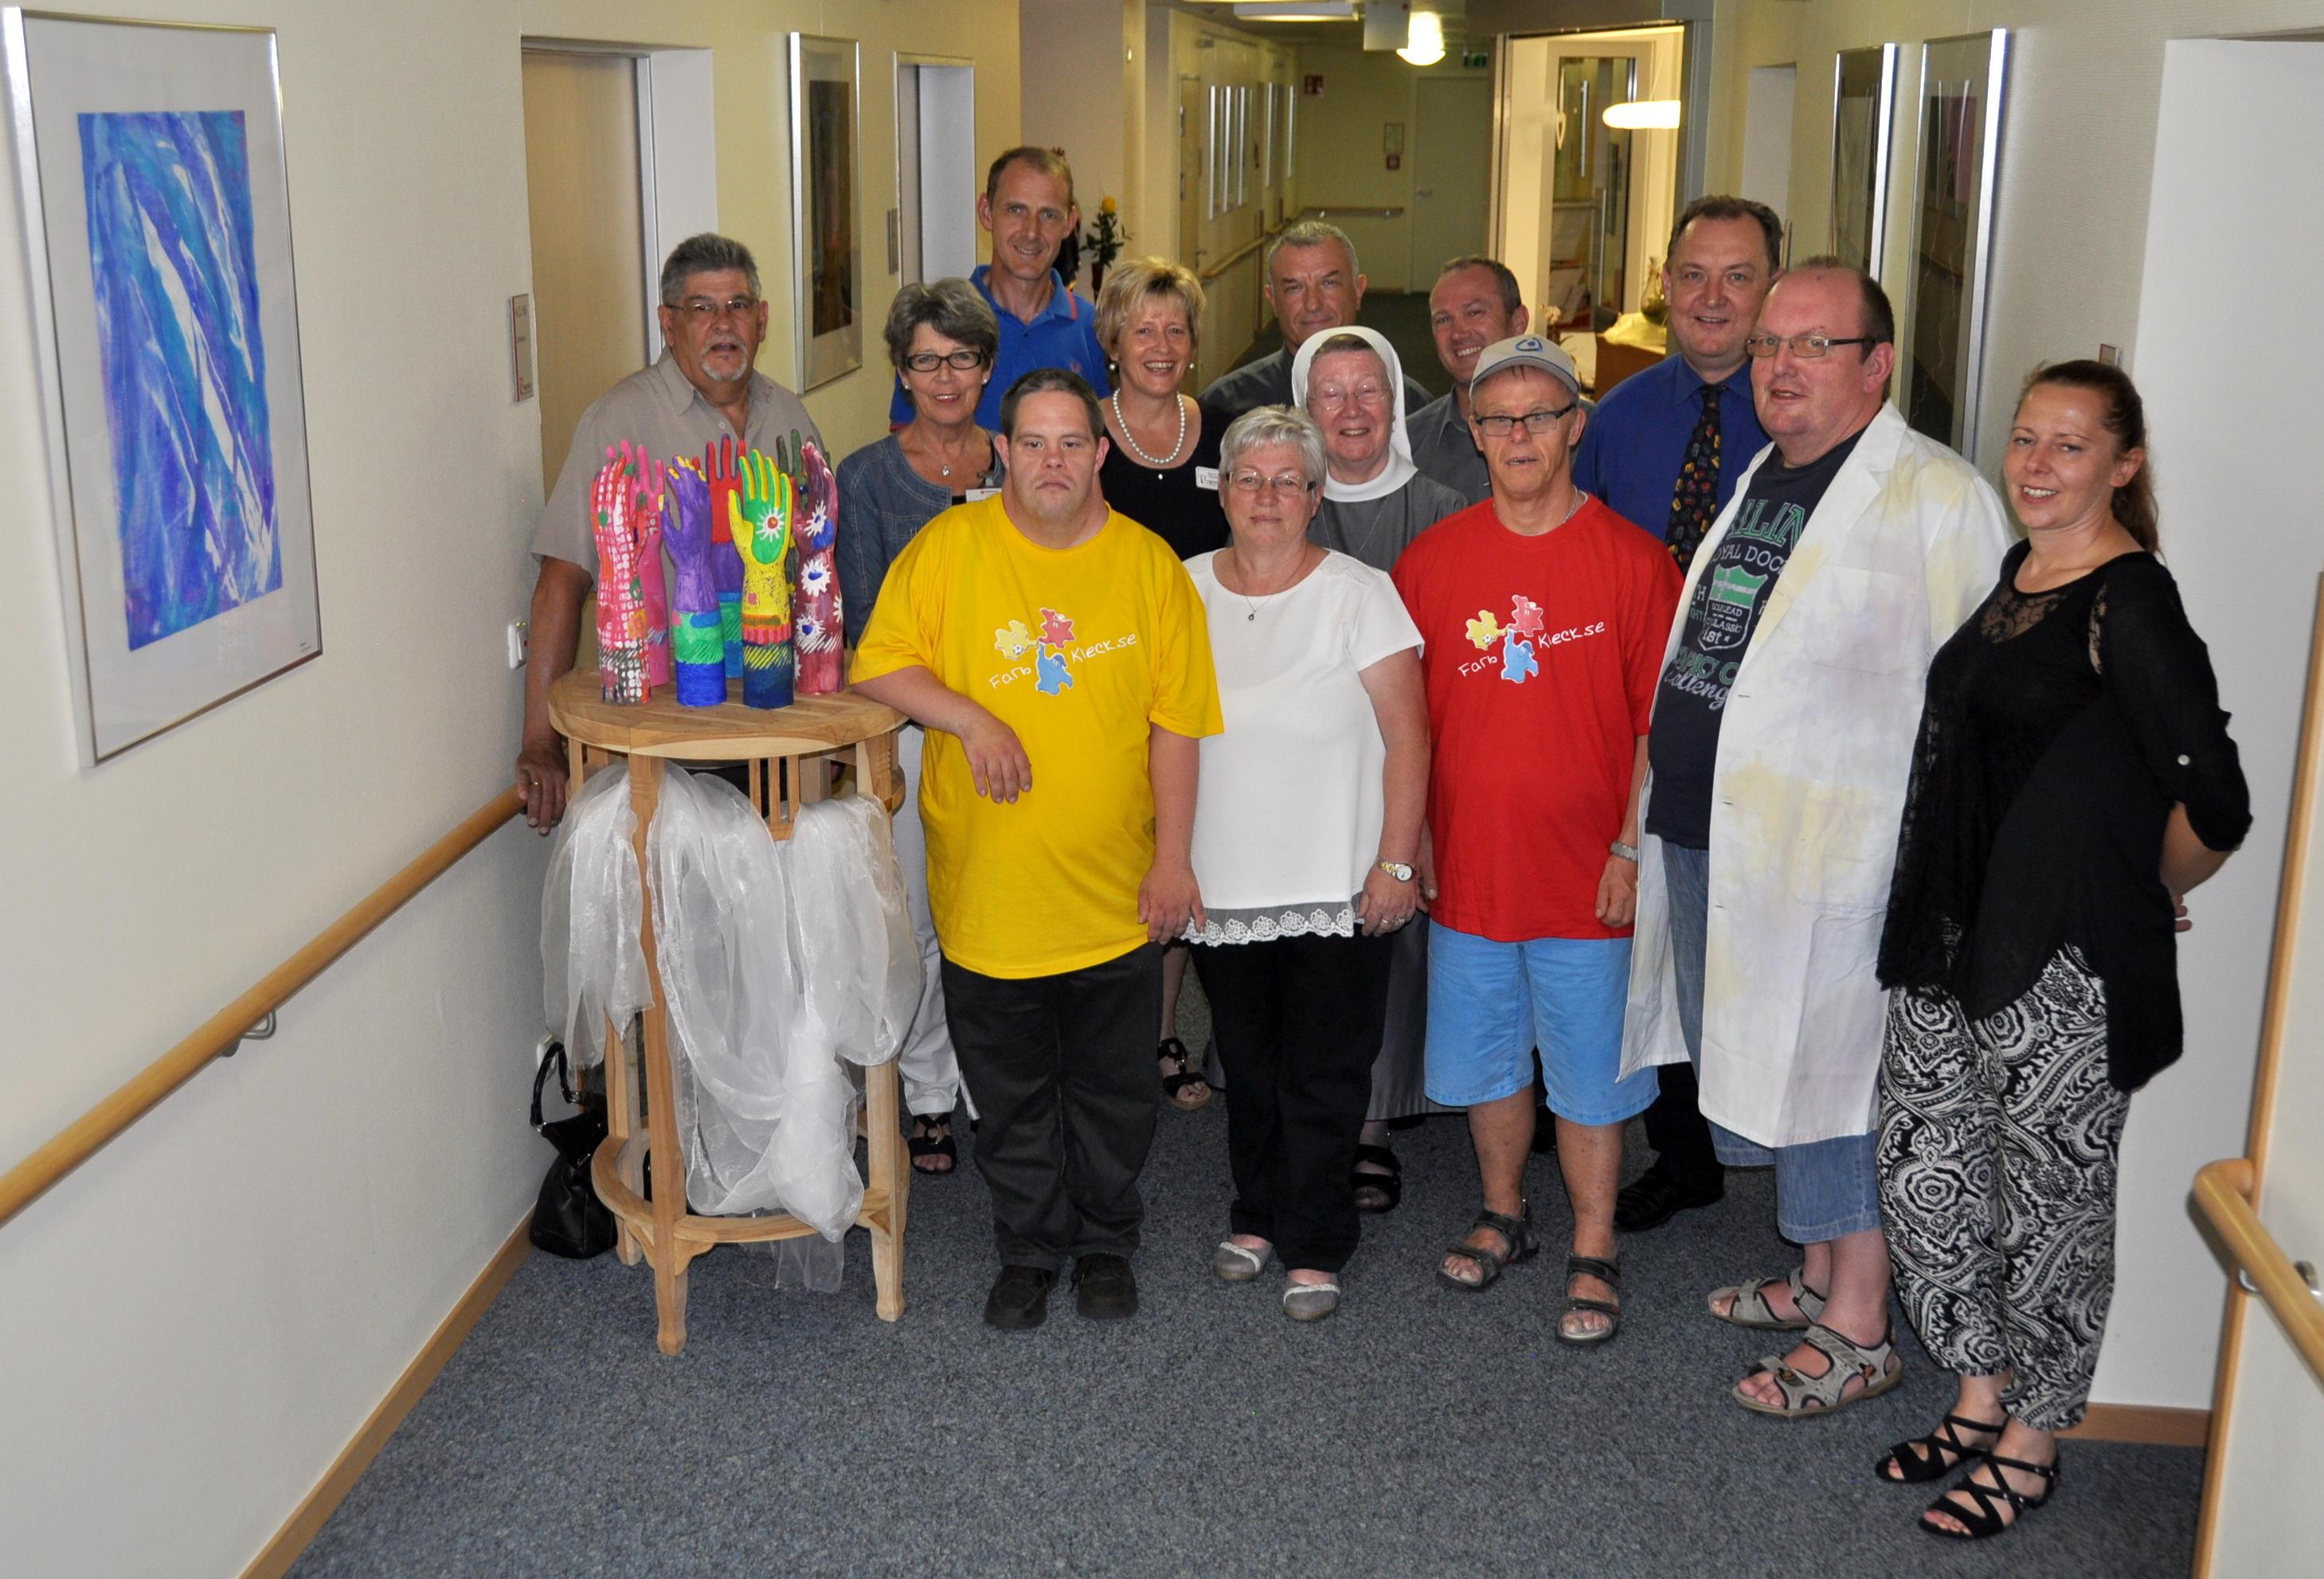 Kuller Art und Farb Kleckse stellen im Hospiz St. Elisabeth Fulda aus